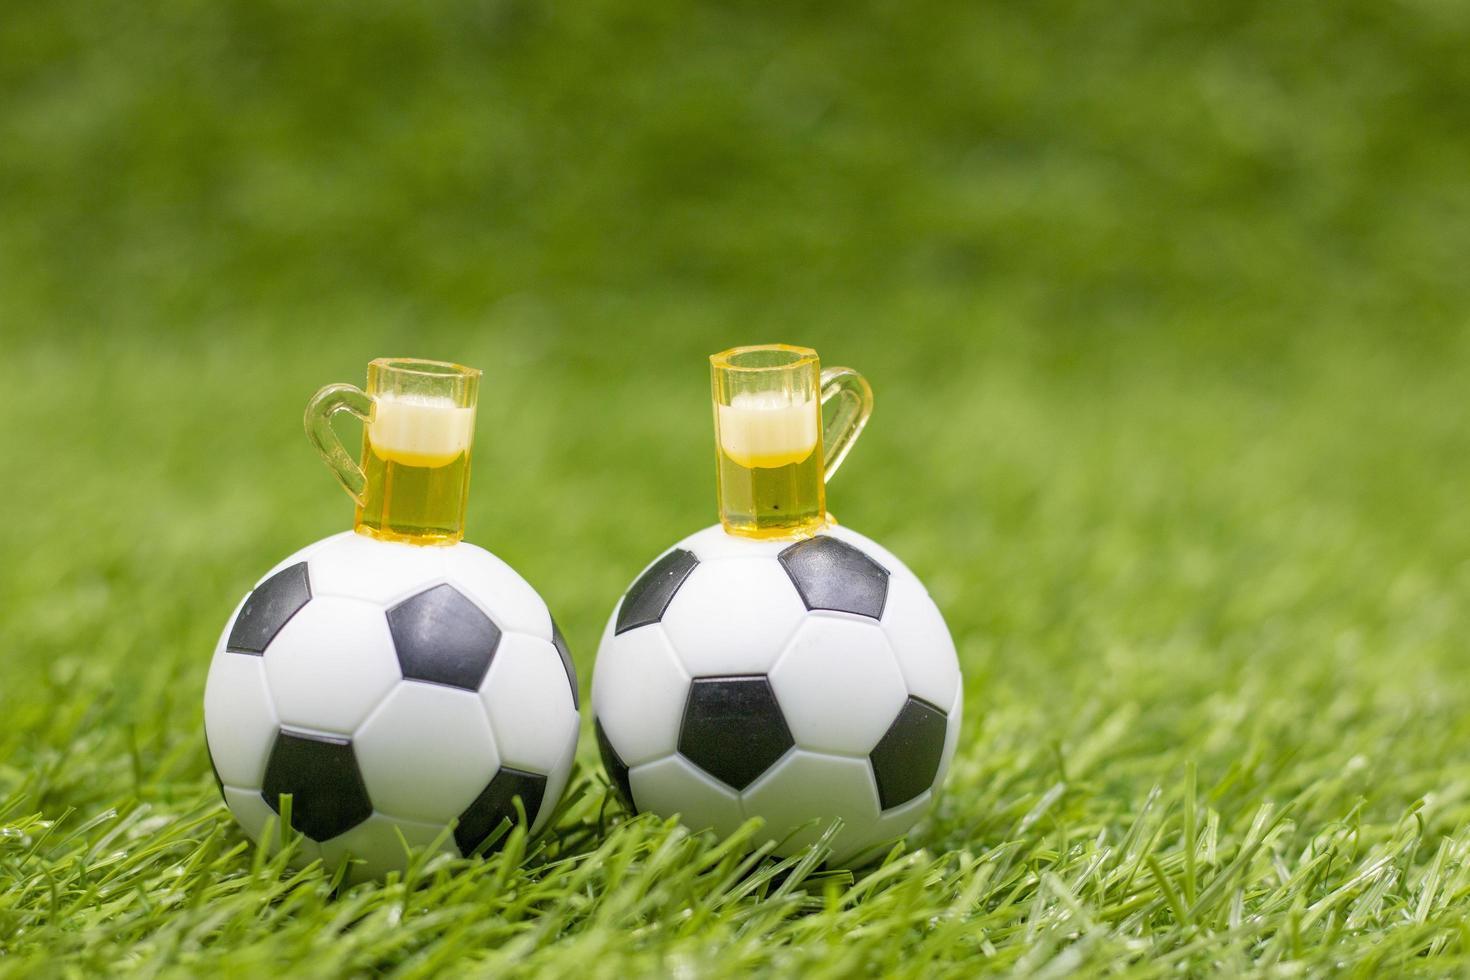 Balón de fútbol con vasos de cerveza sobre la hierba verde foto